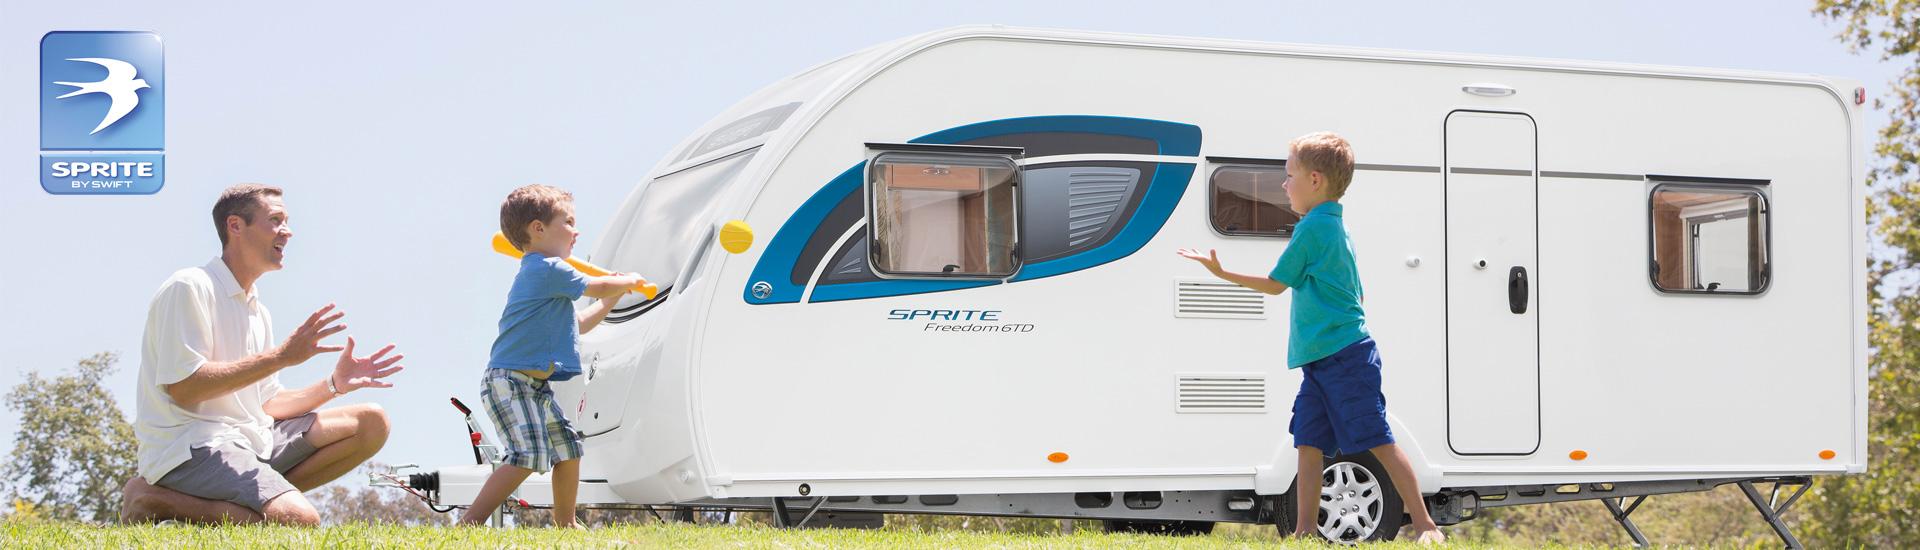 Teesside Sprite Caravans